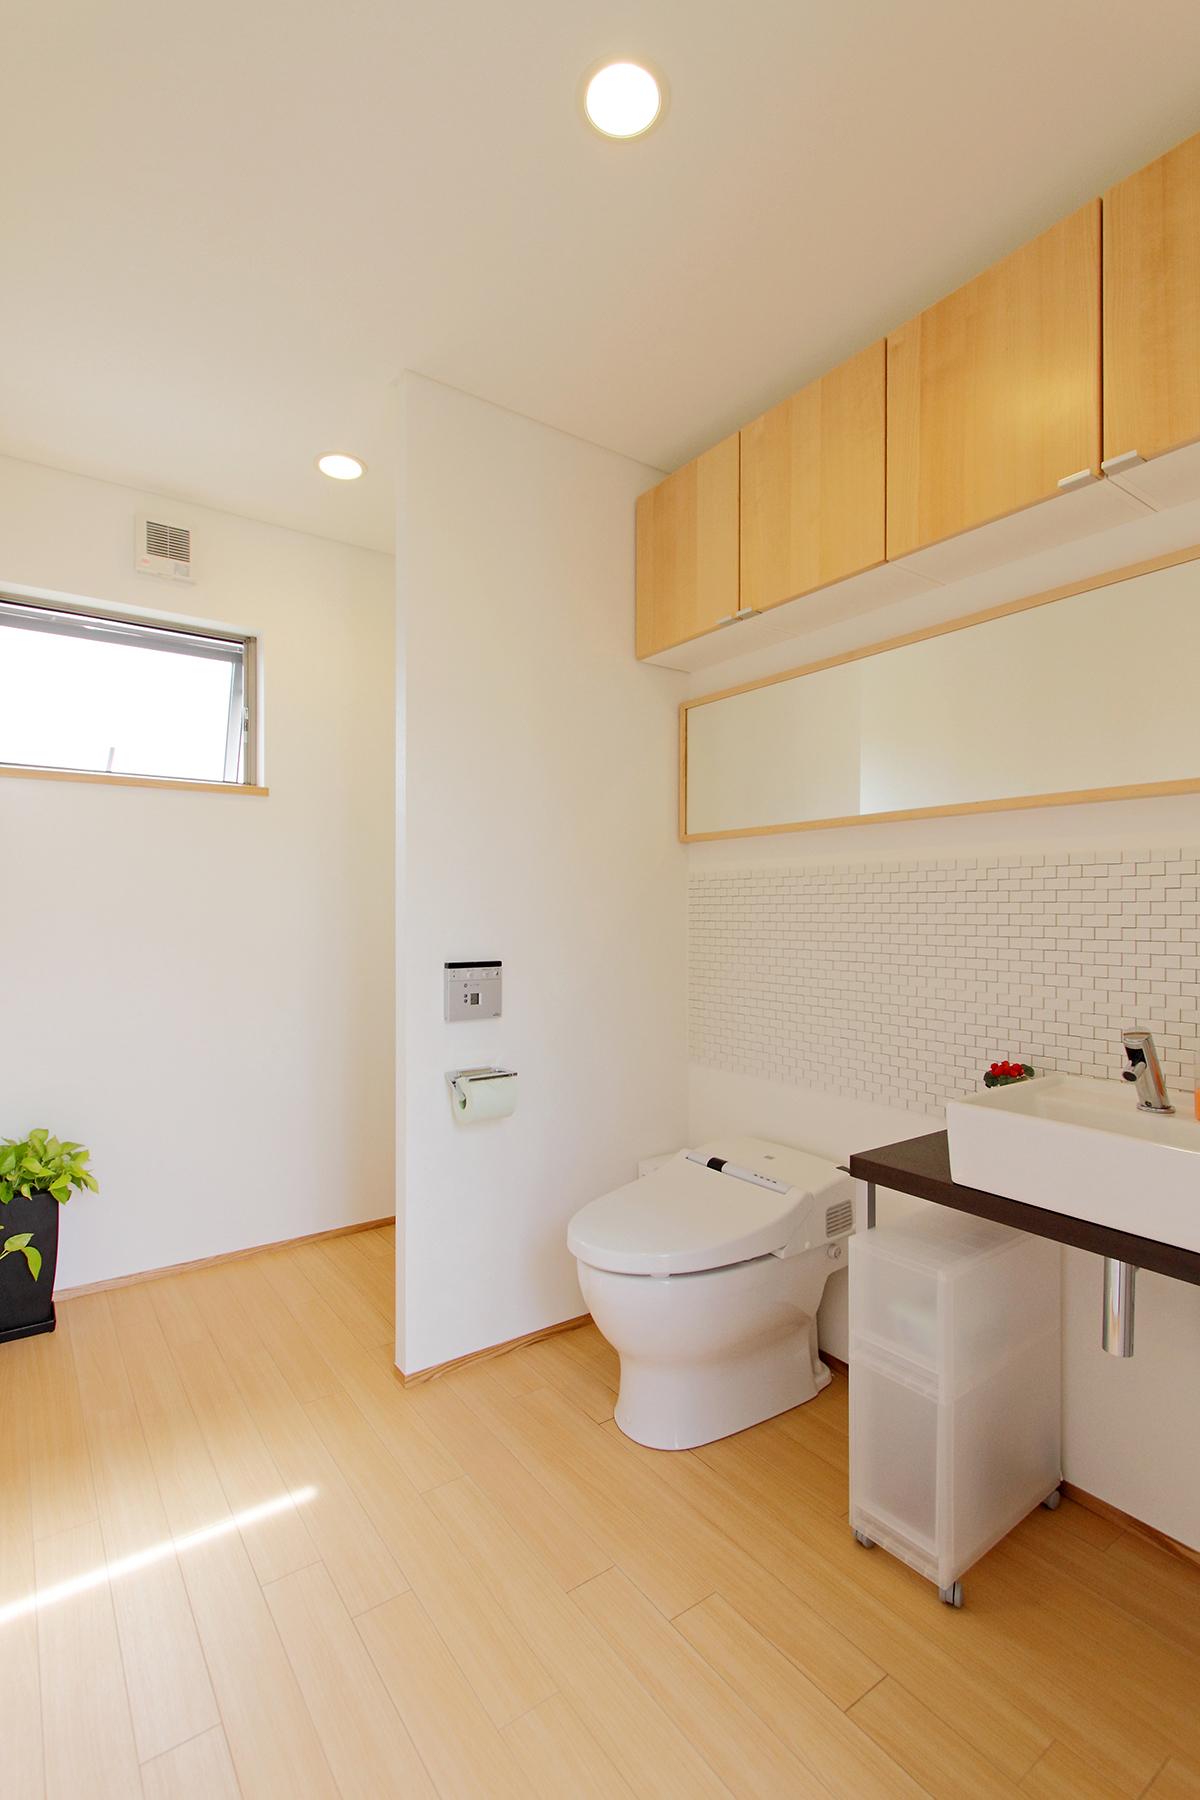 ゆったりとしたトイレ。壁に張ったタイルが空間にアクセントをプラス。